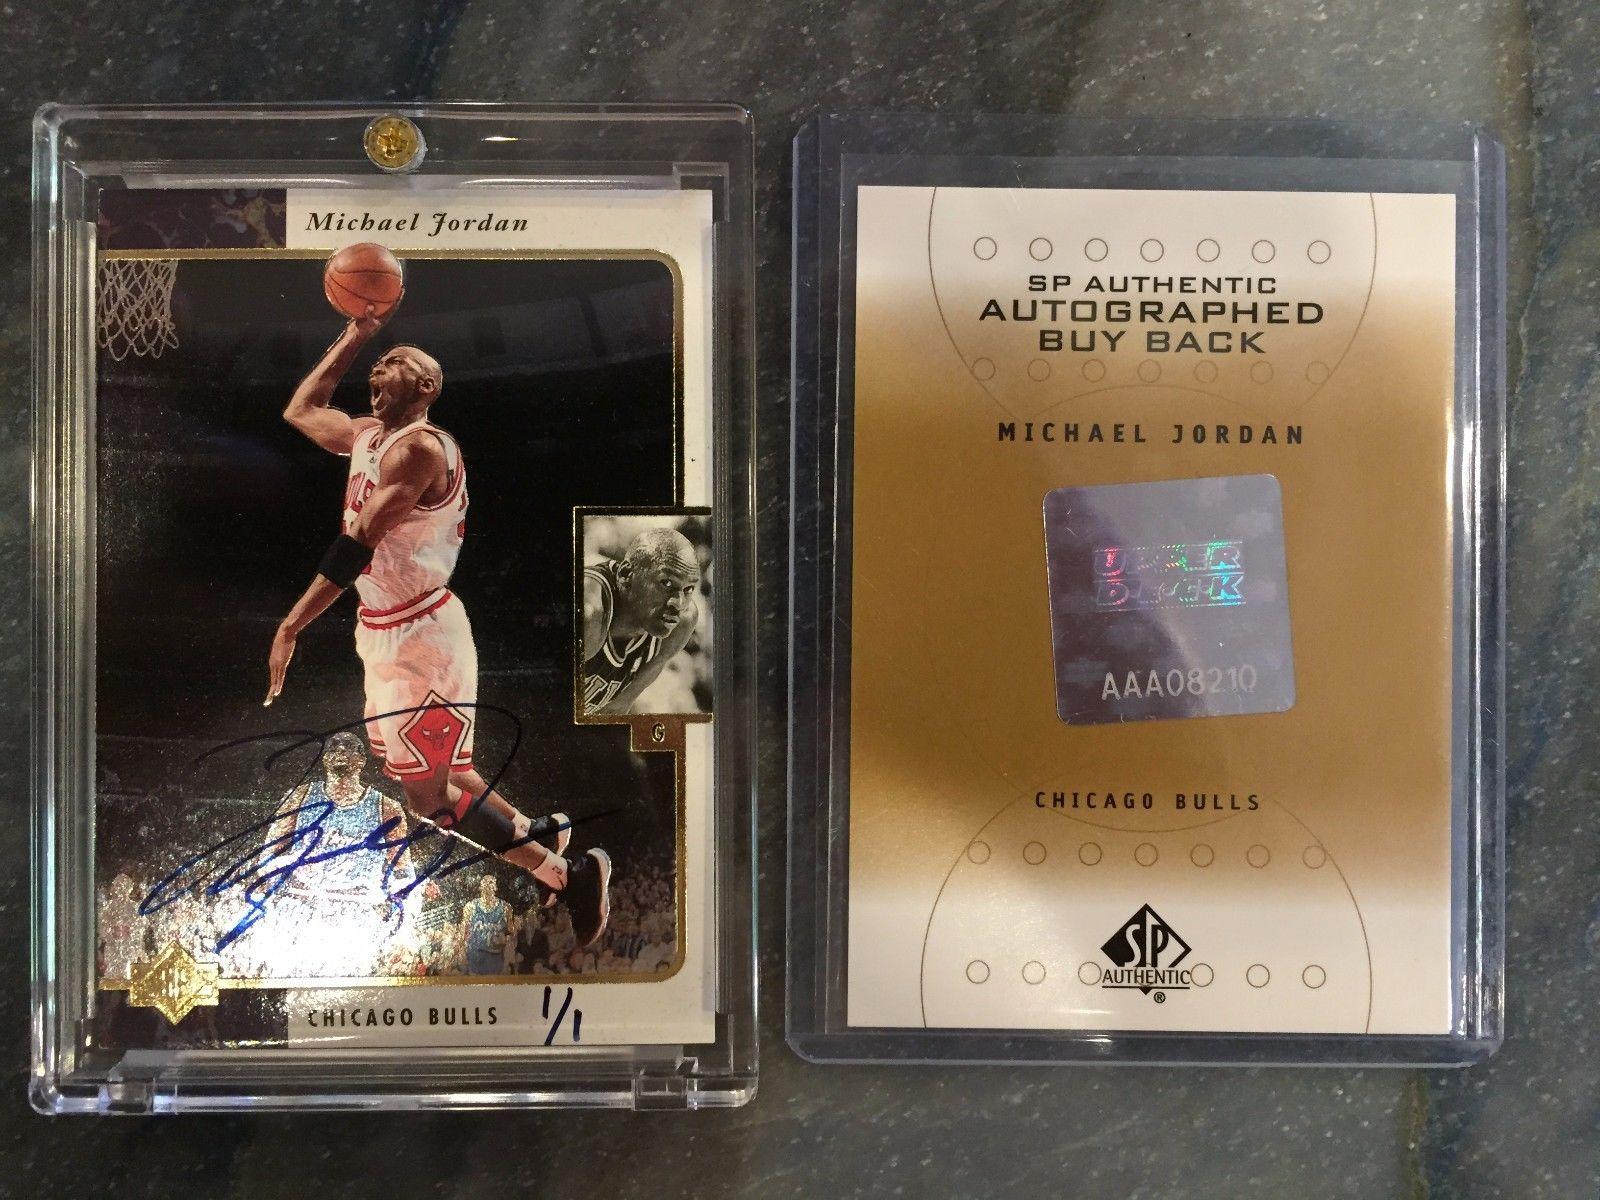 1995 1996  SP Authentic Buyback michael jordan Autograph Signature